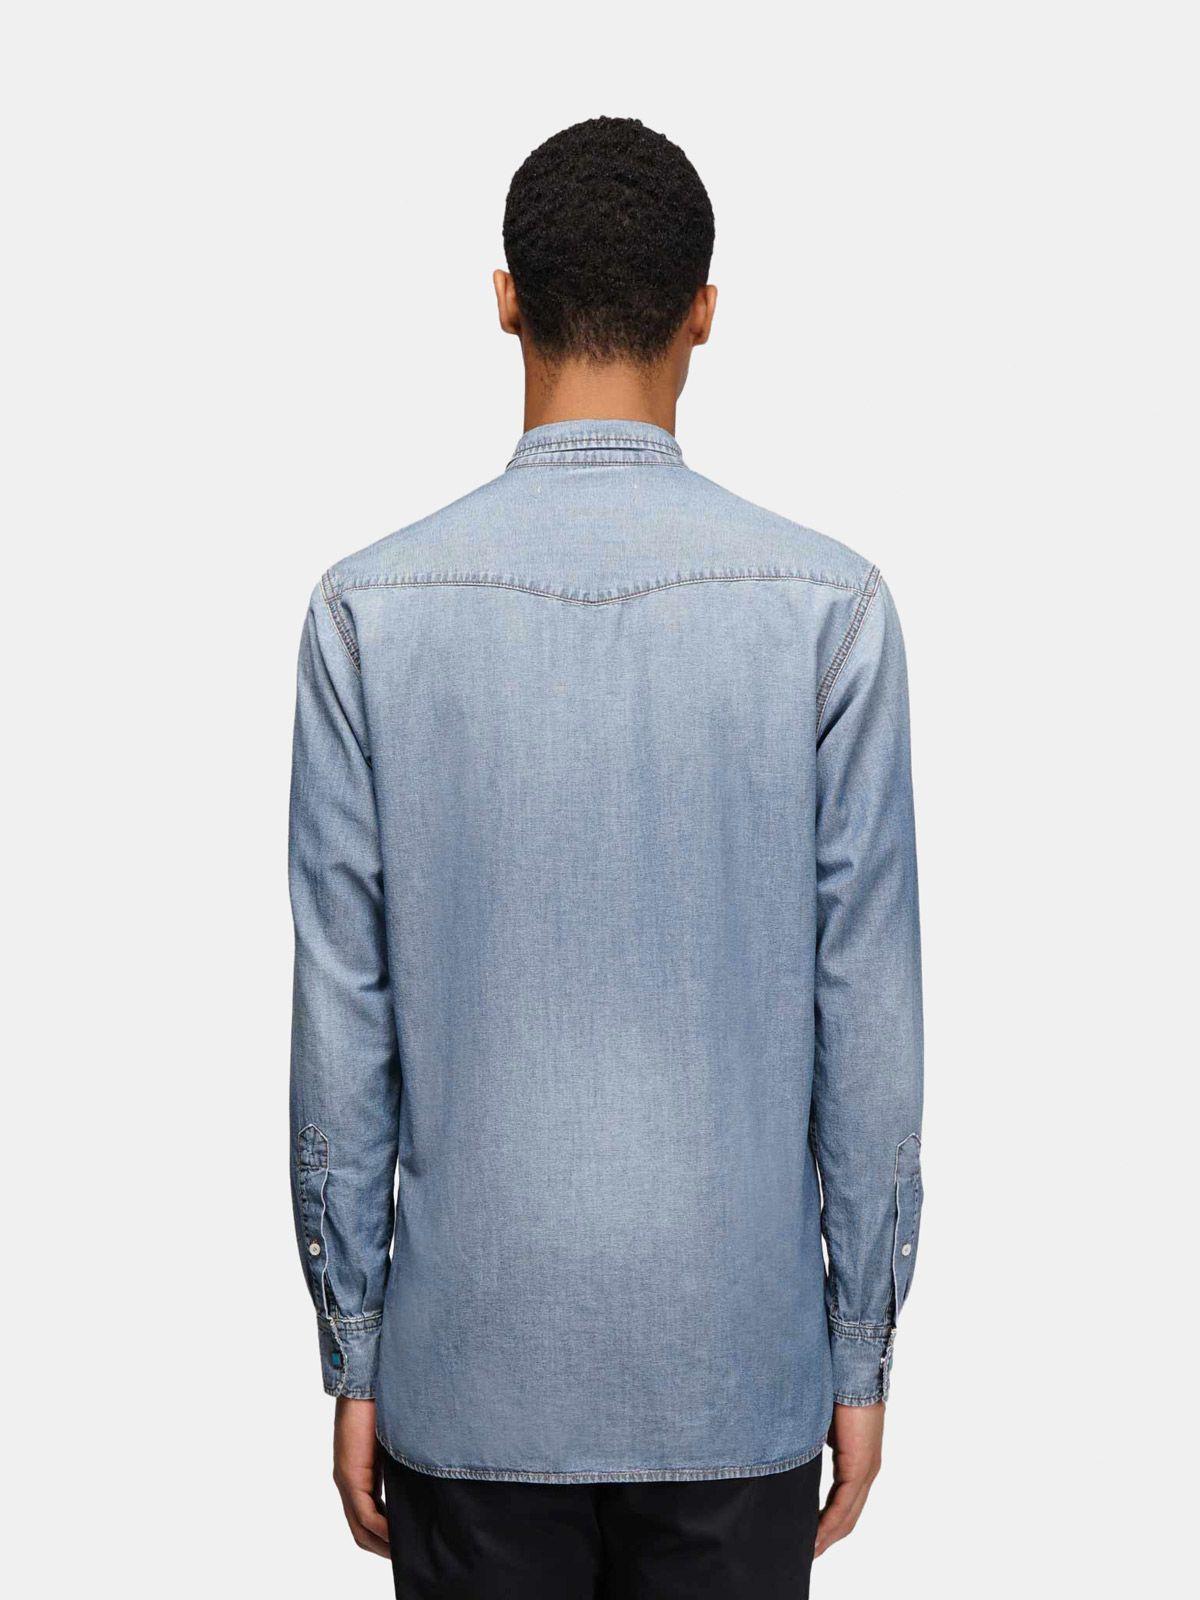 Golden Goose - Austin shirt in cotton denim in